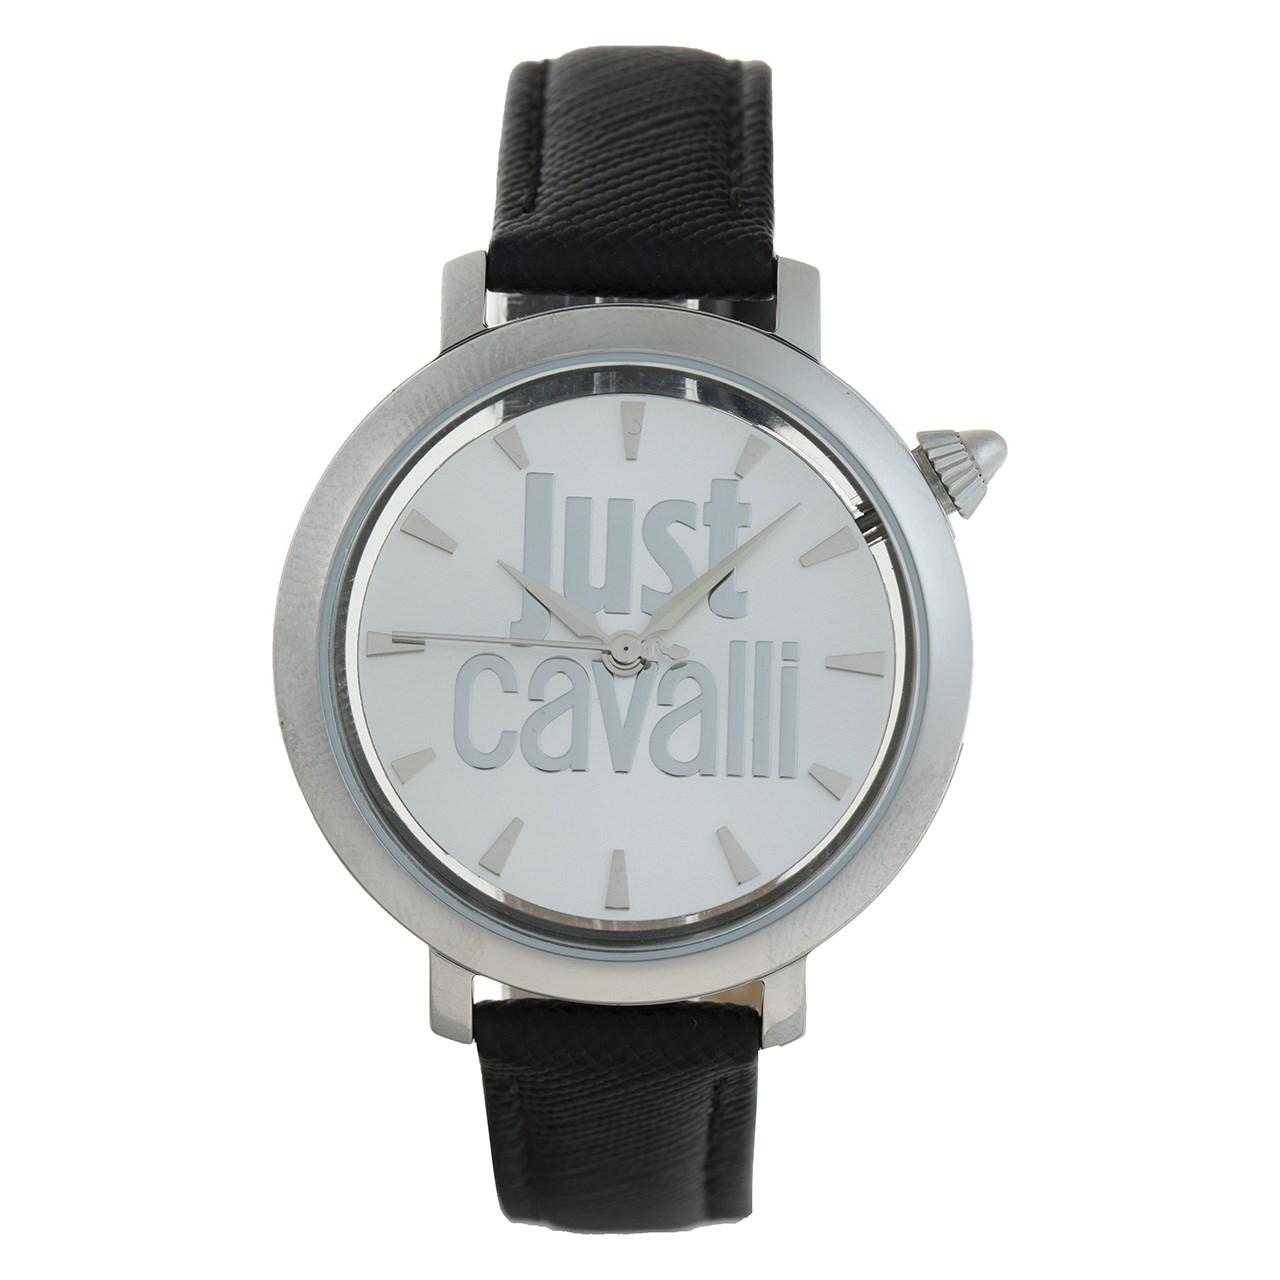 ساعت مچی عقربه ای زنانه جاست کاوالی مدل JC1L007L0015 18